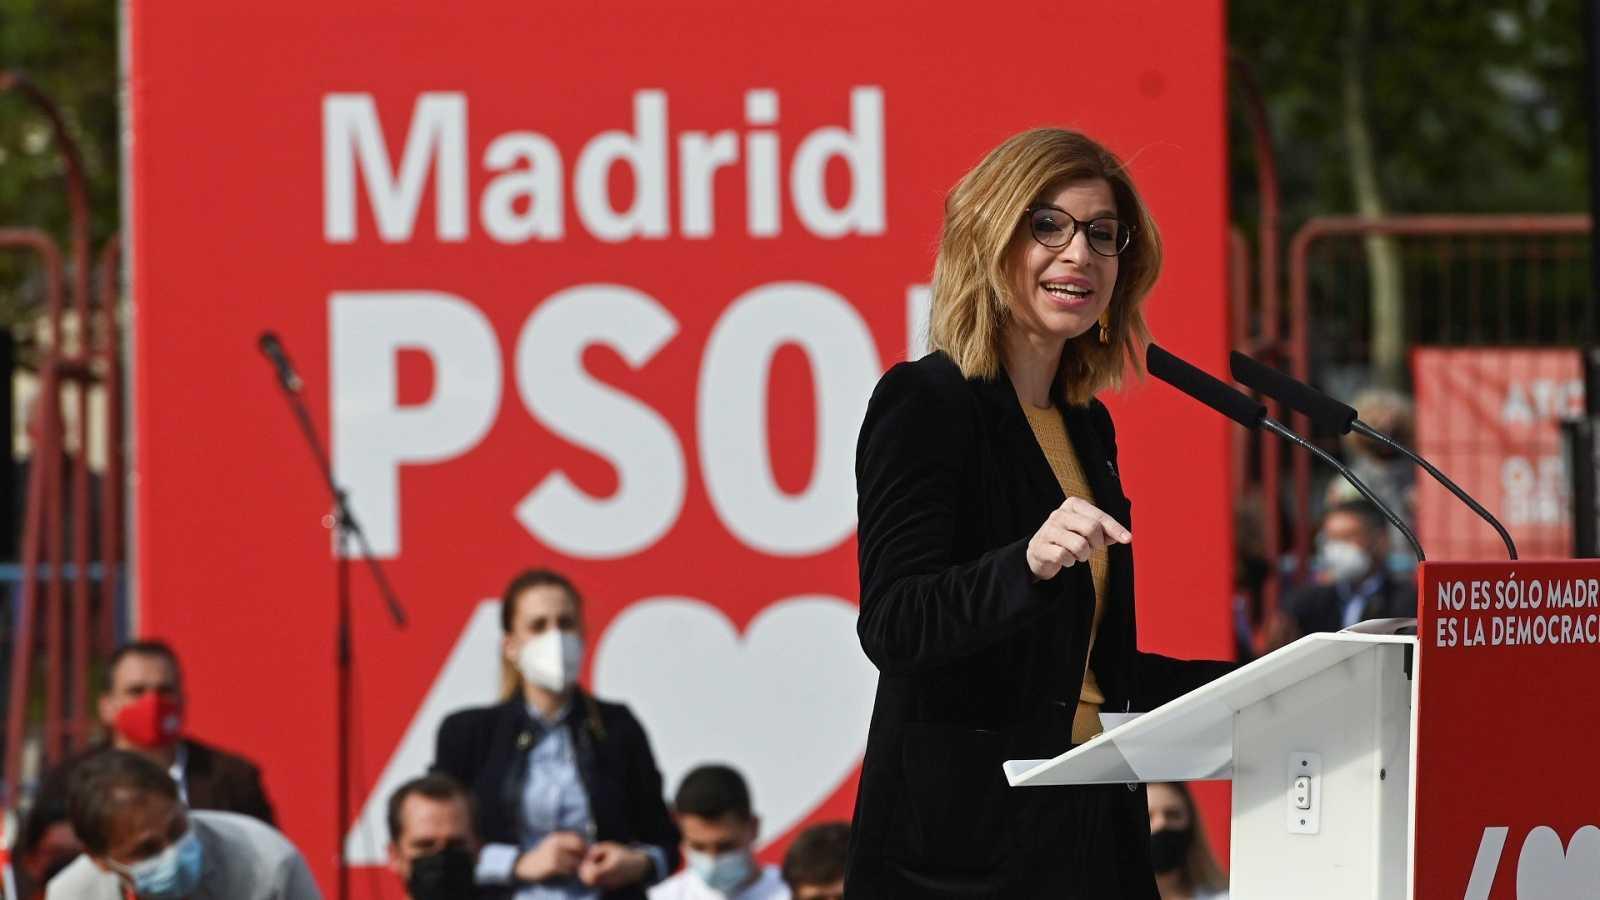 La número dos en la lista del PSOE, Hana Jalloul, nombrada portavoz en la Asamblea